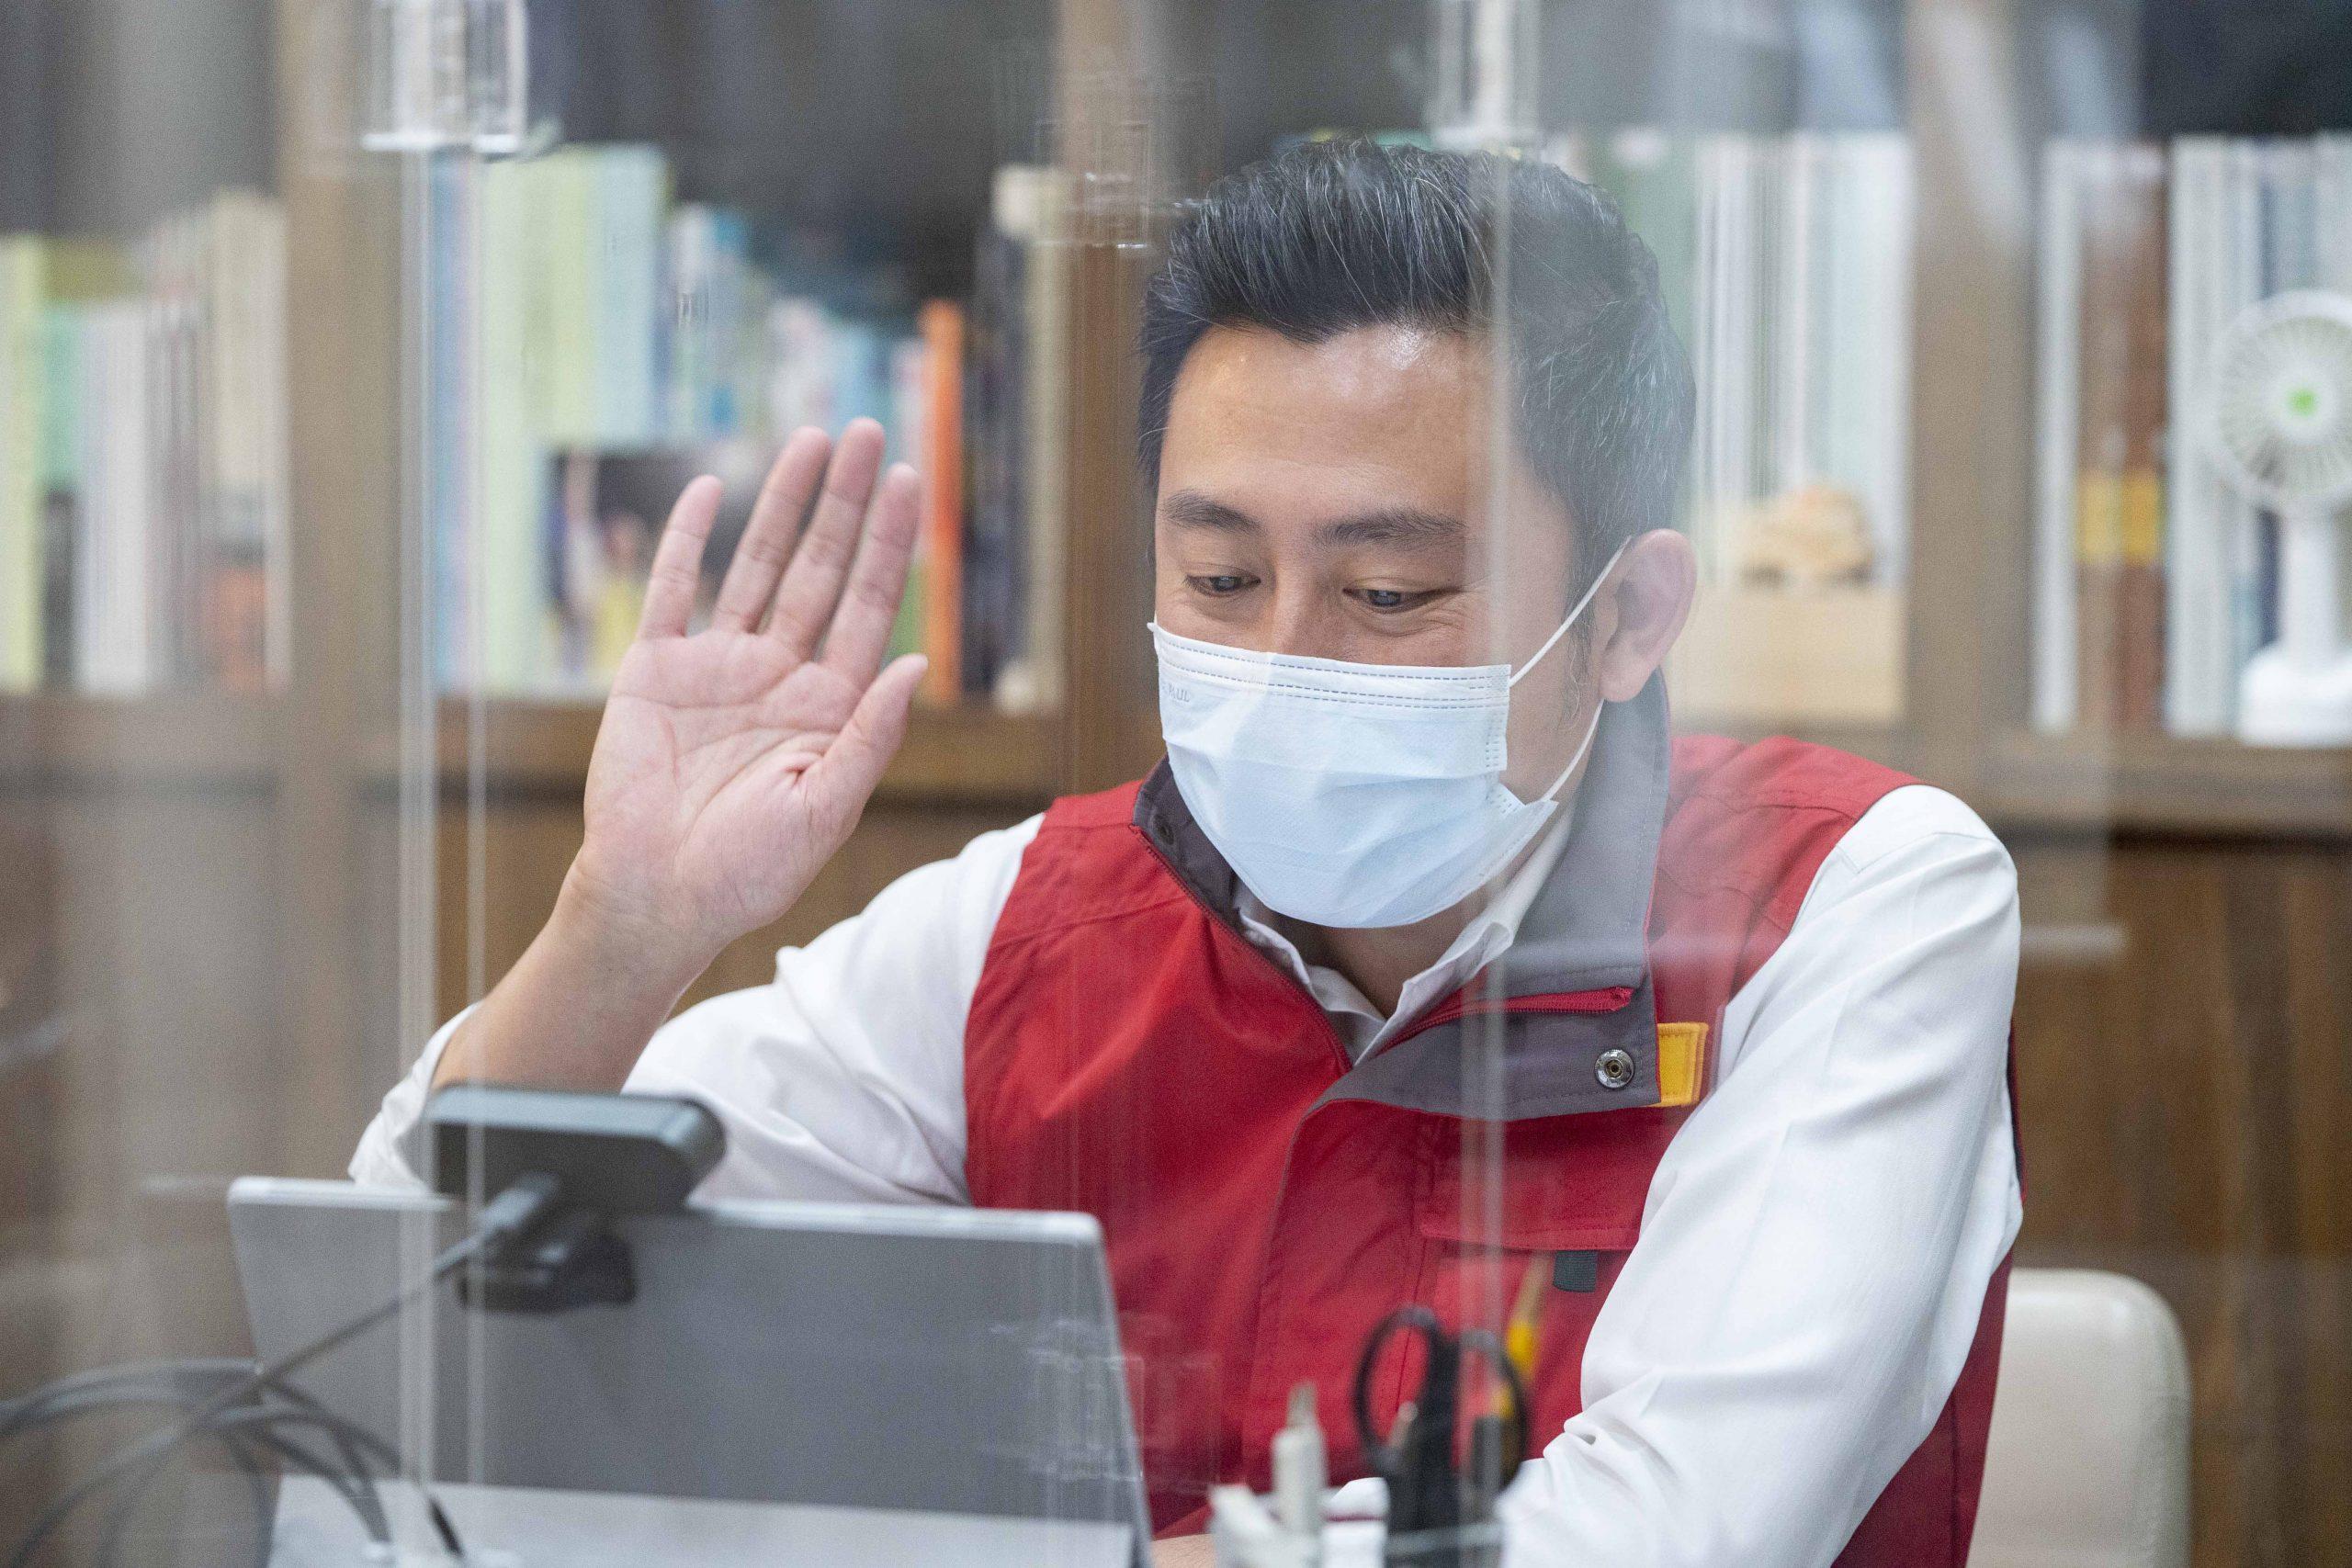 新竹市高齡長者下周施打疫苗 林智堅市長:設六處施打站、招募熱血司機貼心接送